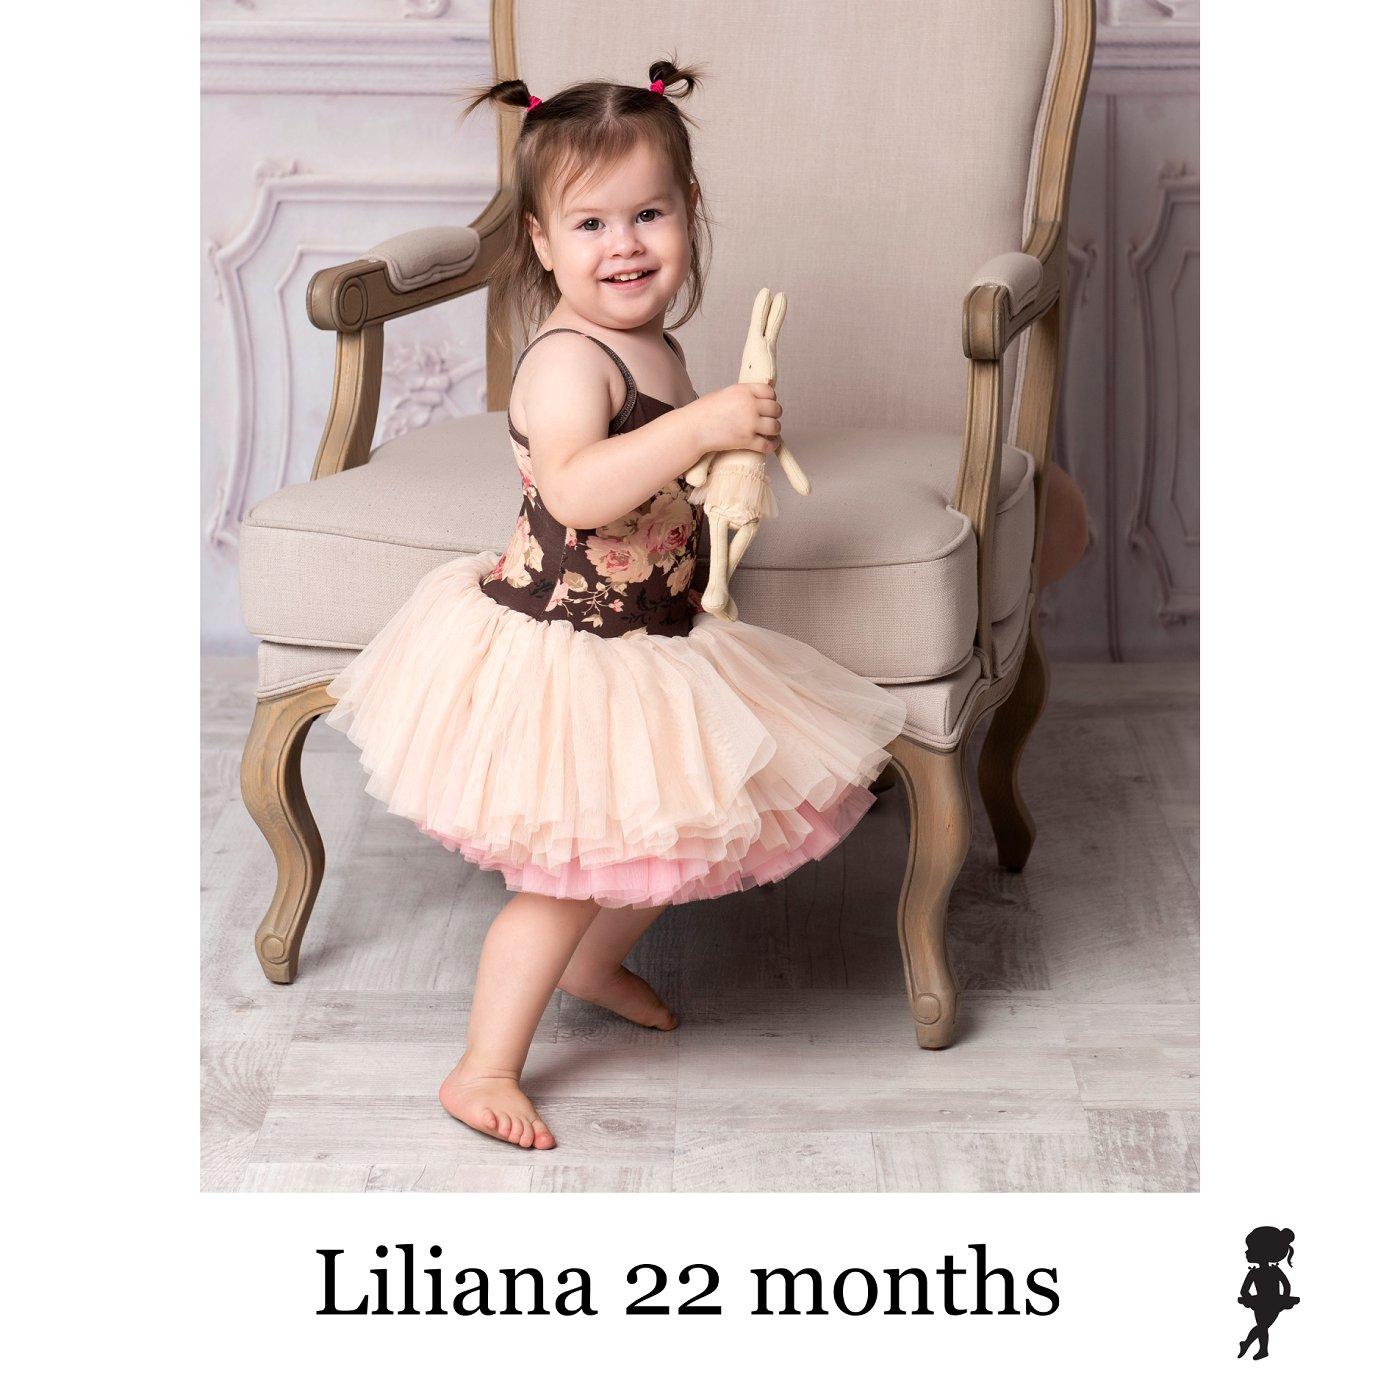 LB2719-Liliana 22mths.jpg